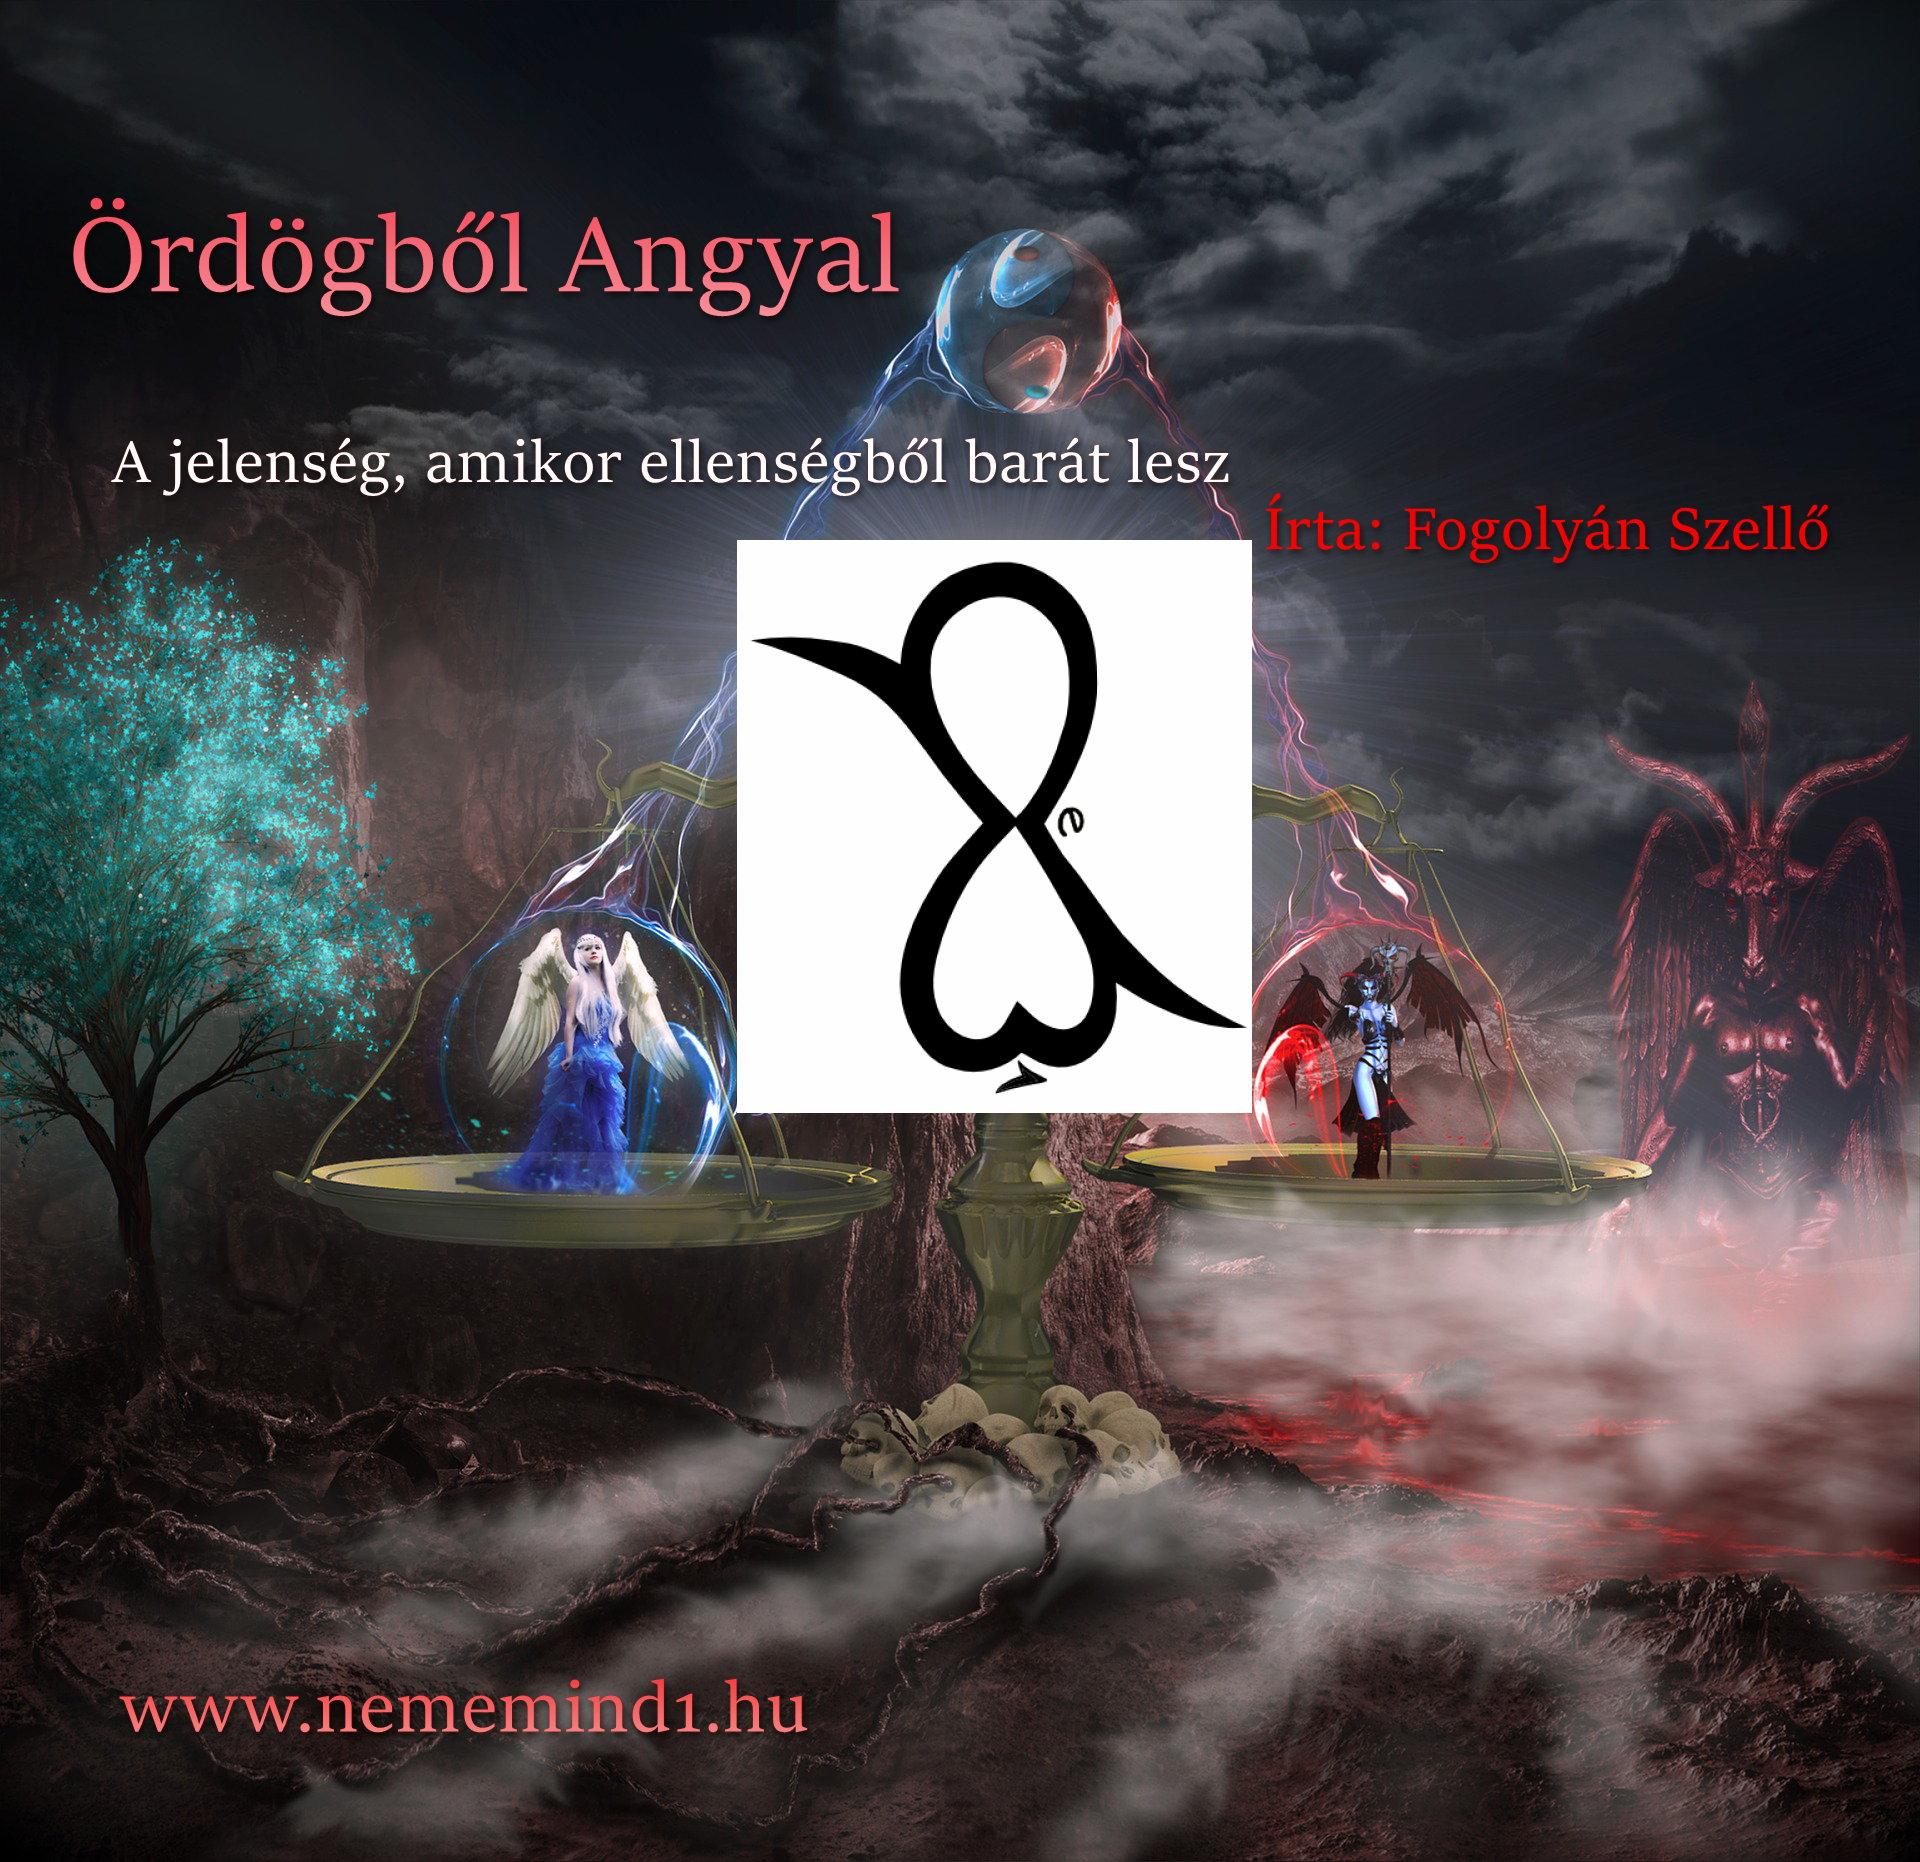 Ördögből Angyal (Írta: Fogolyán Szellő)